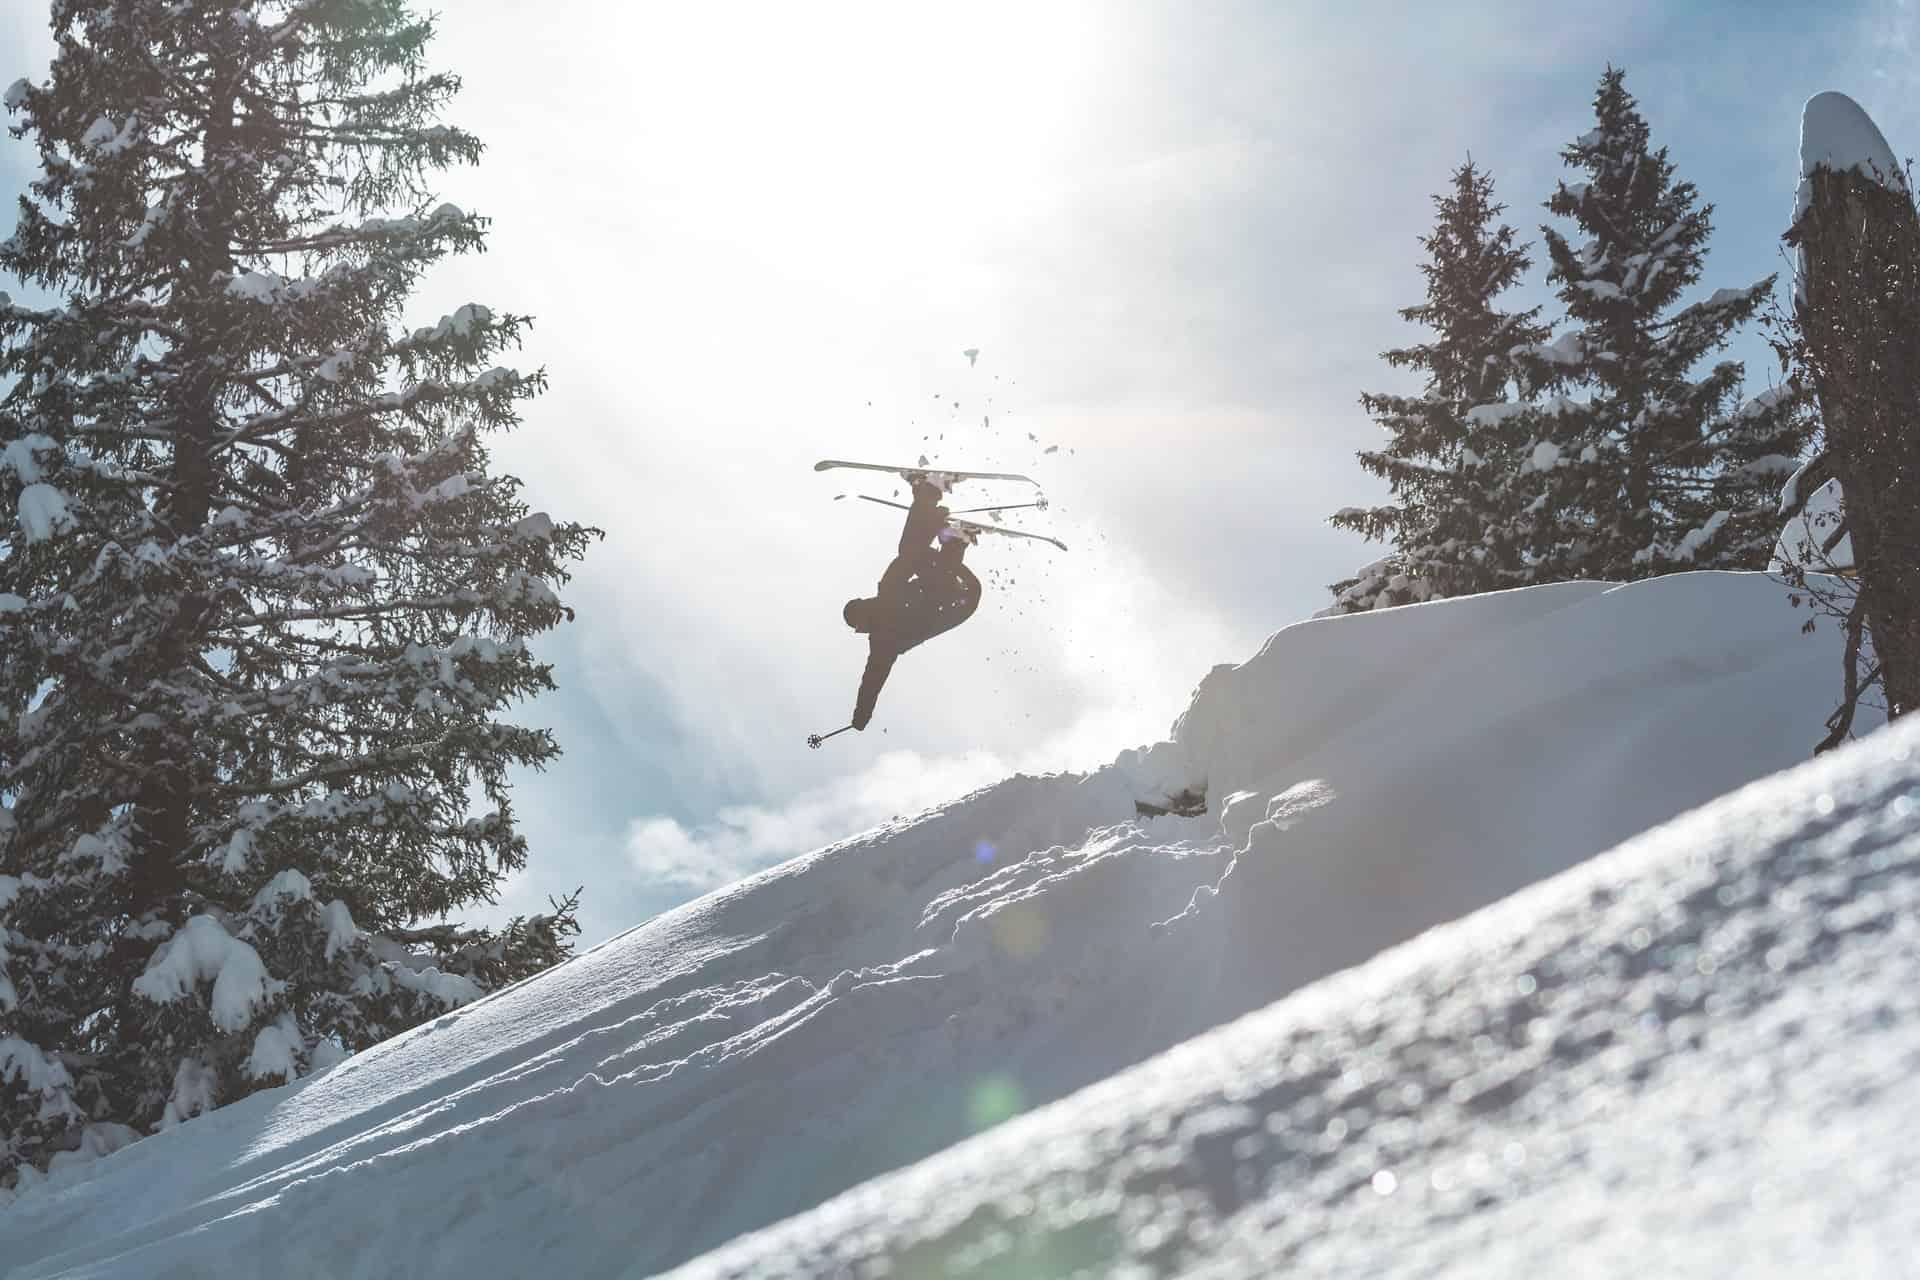 Una escuela de esquí en Suiza busca a una persona que quiera probar sus pistas